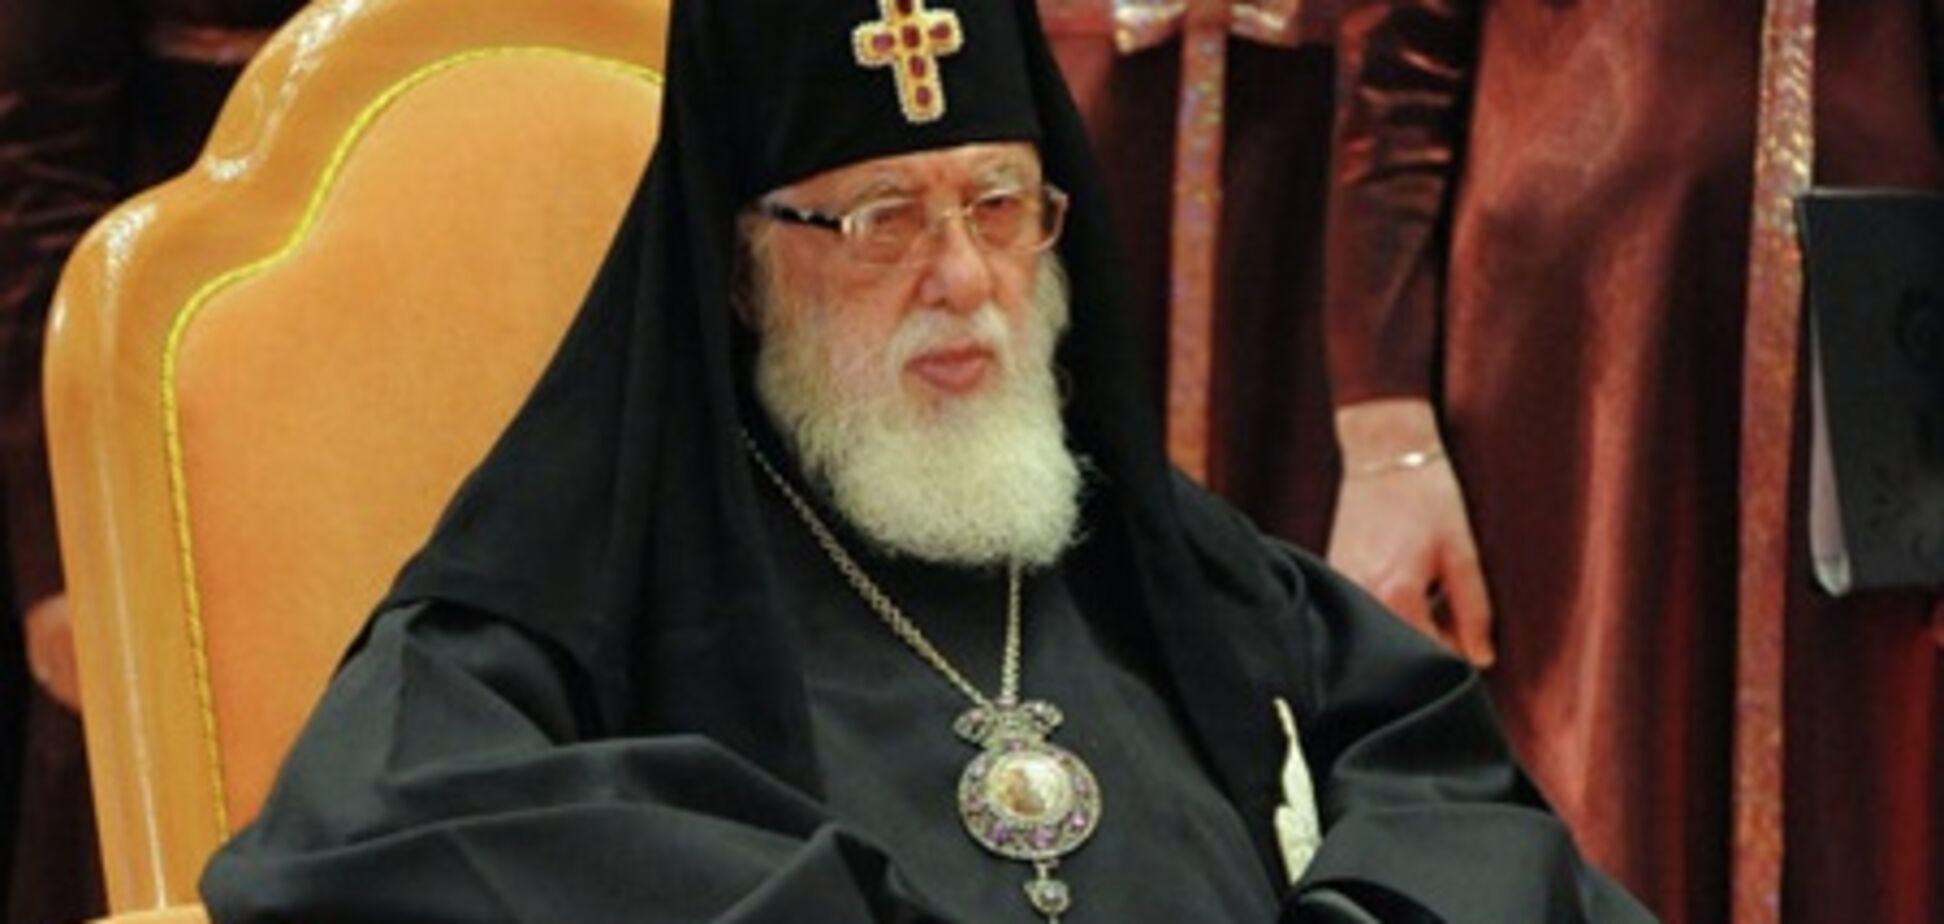 У Саакашвили осудили встречу Патриарха Грузии с Путиным